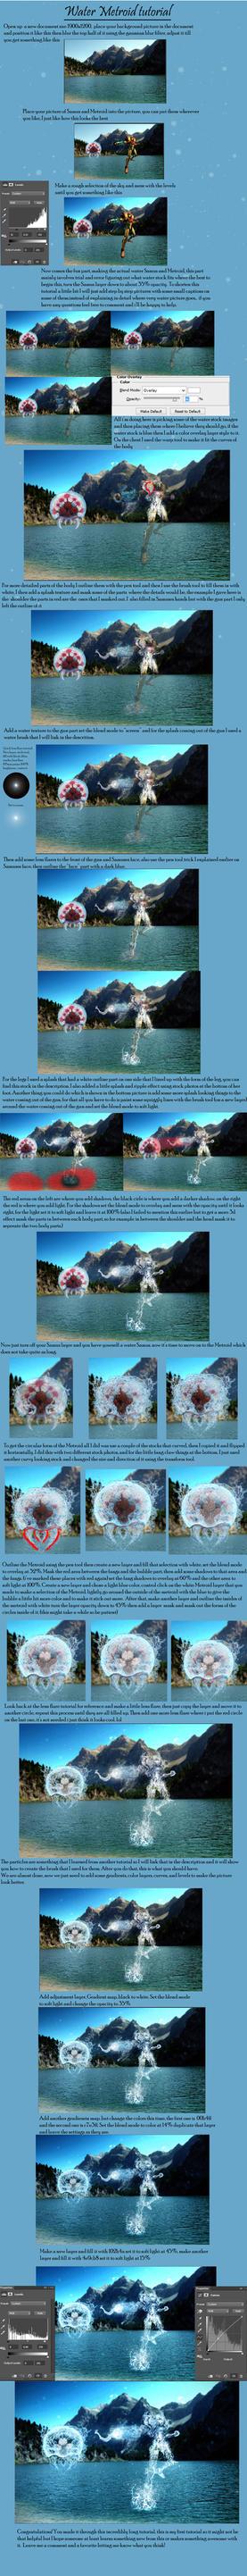 Water Samus Tutorial by TylerReitan